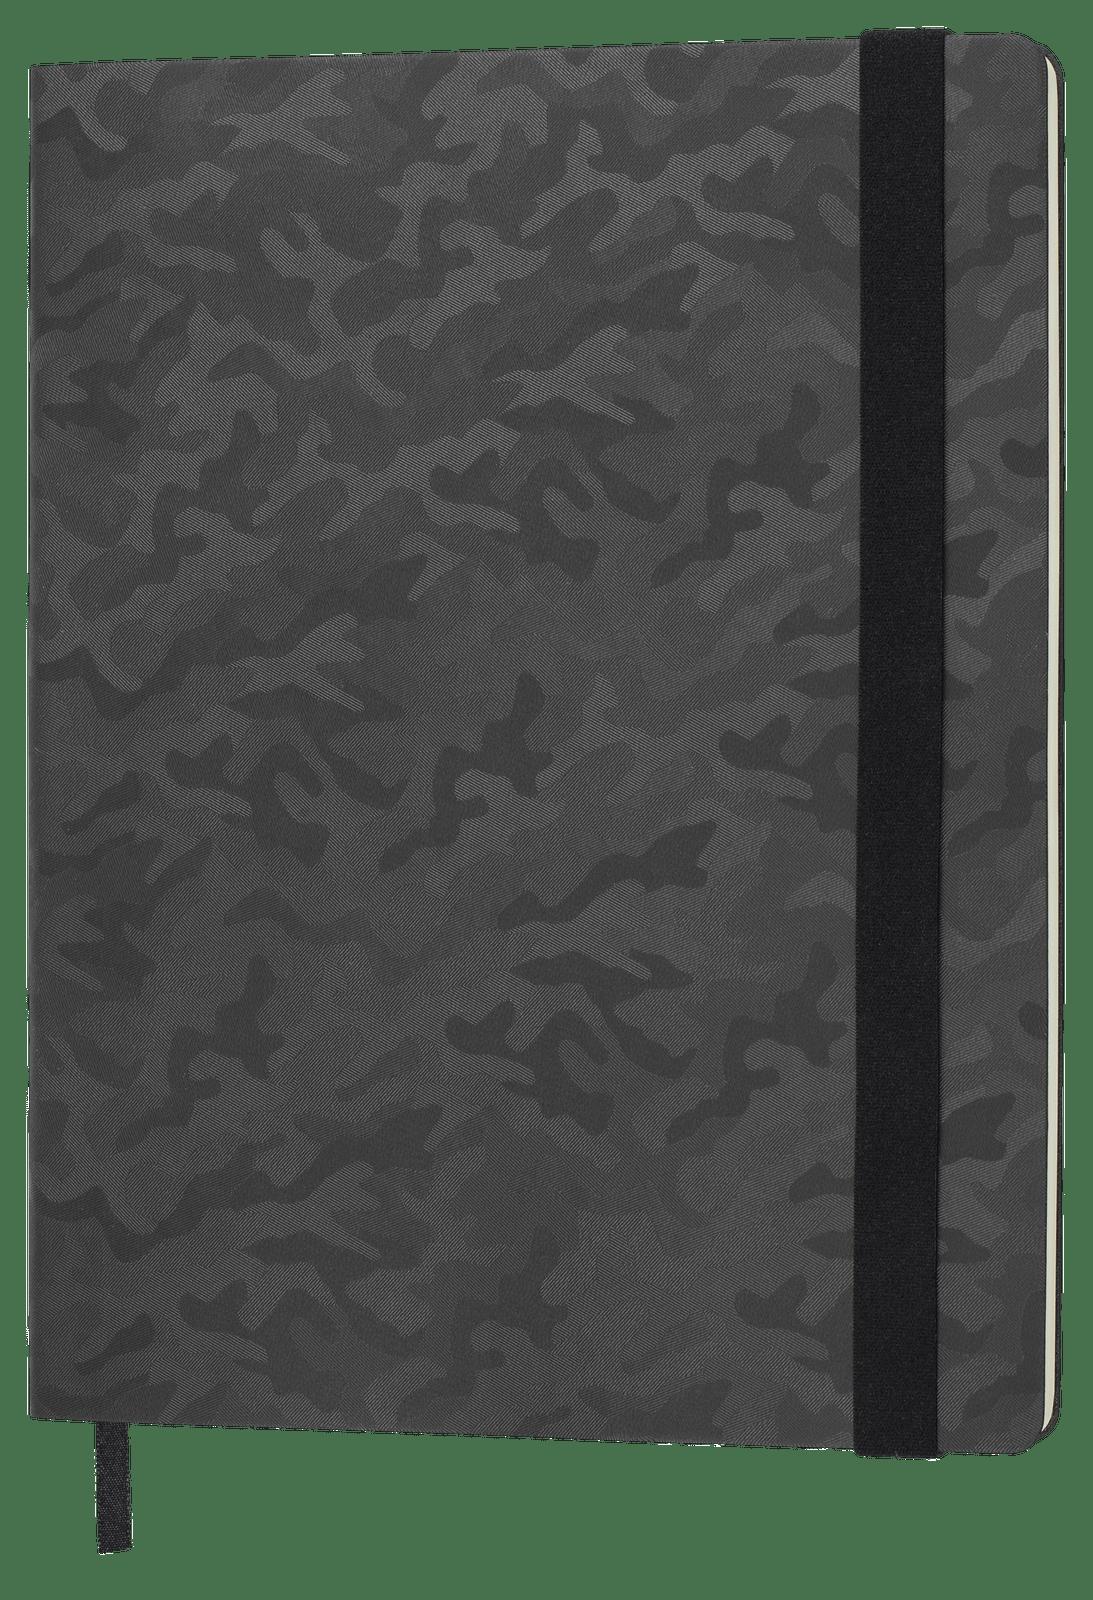 TM21228_35 - Tabby biggy negro